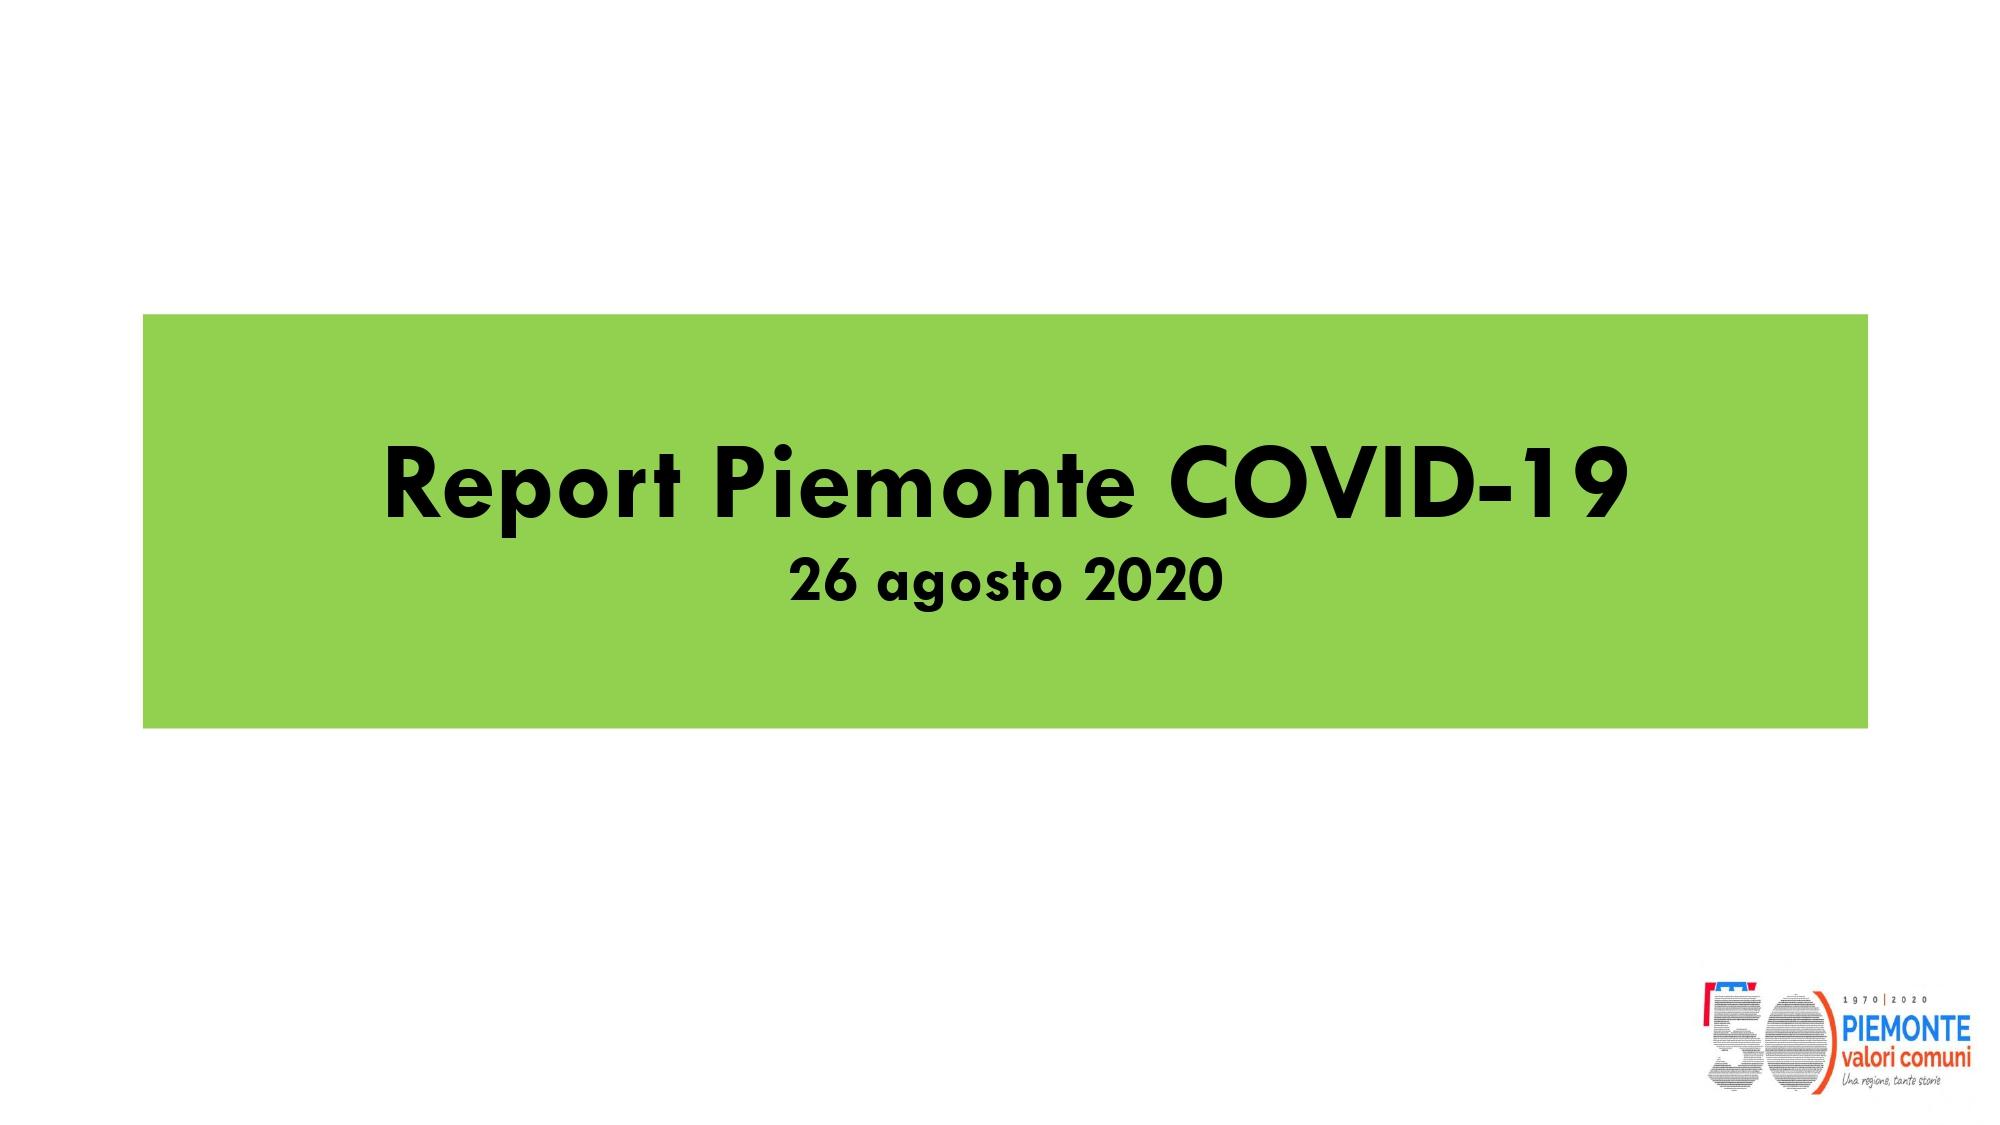 Coronavirus, 75 positivi in più rispetto a ieri in Piemonte